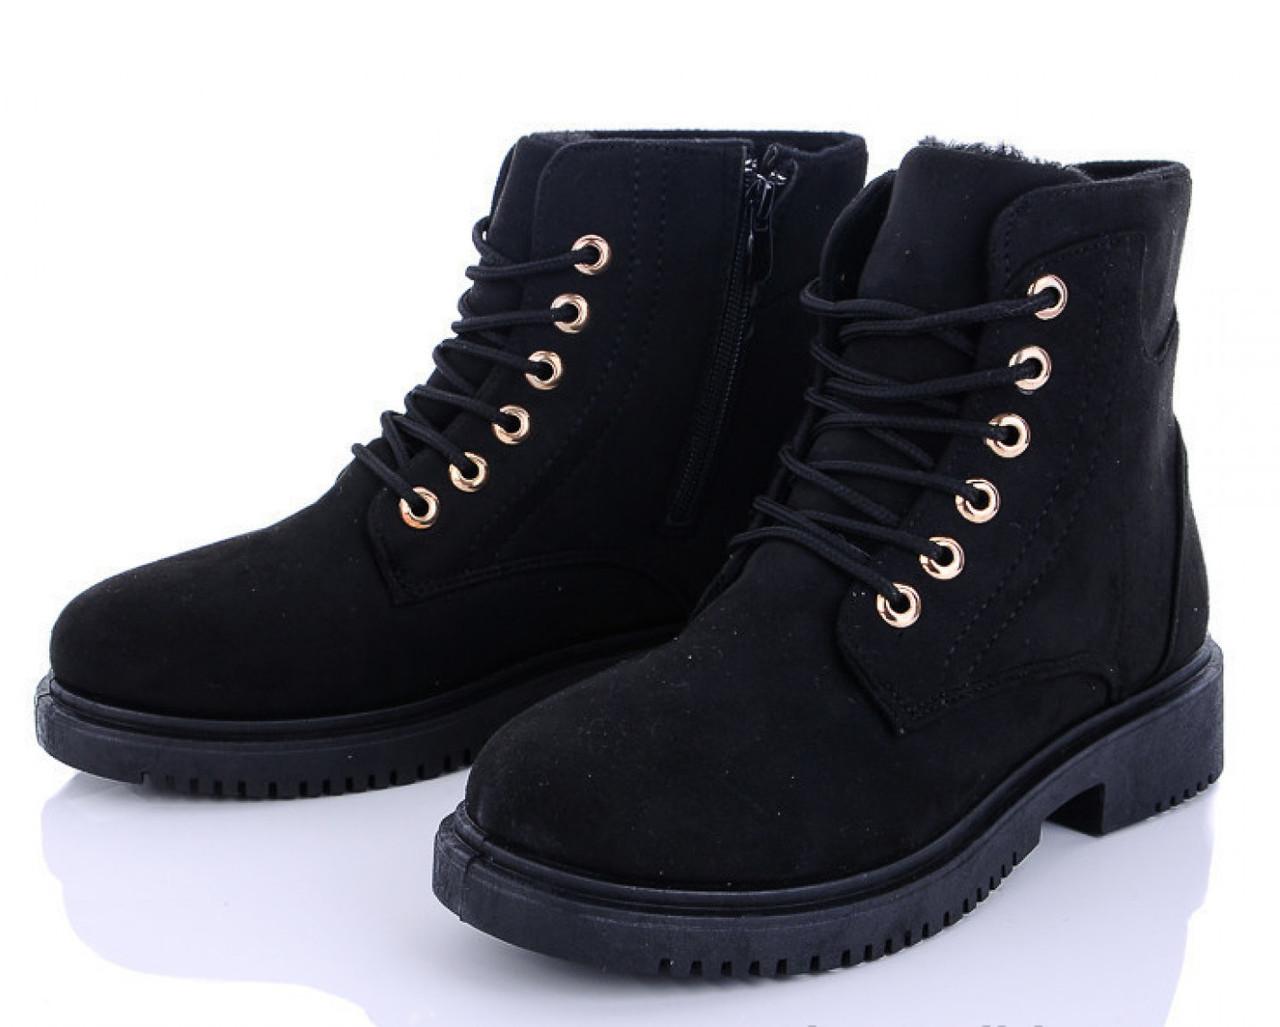 Жіночі черевики BR-S зимові чорні 36 р. - 23 см 1257522601